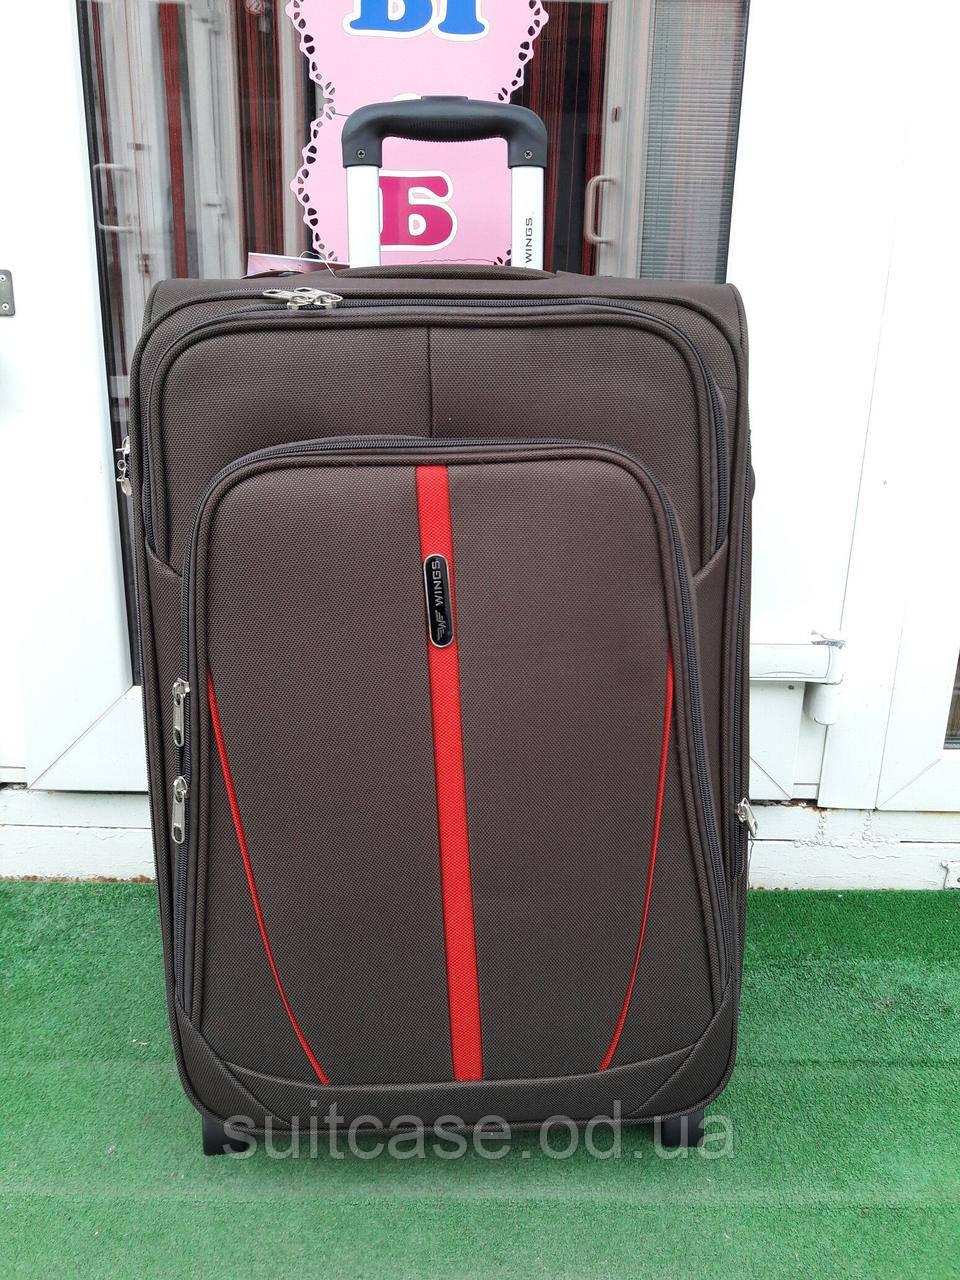 Чемодан дорожный тканевый средний Wings 1706 , на 2-х колесах -  Интернет-магазин 010ff55ec5c